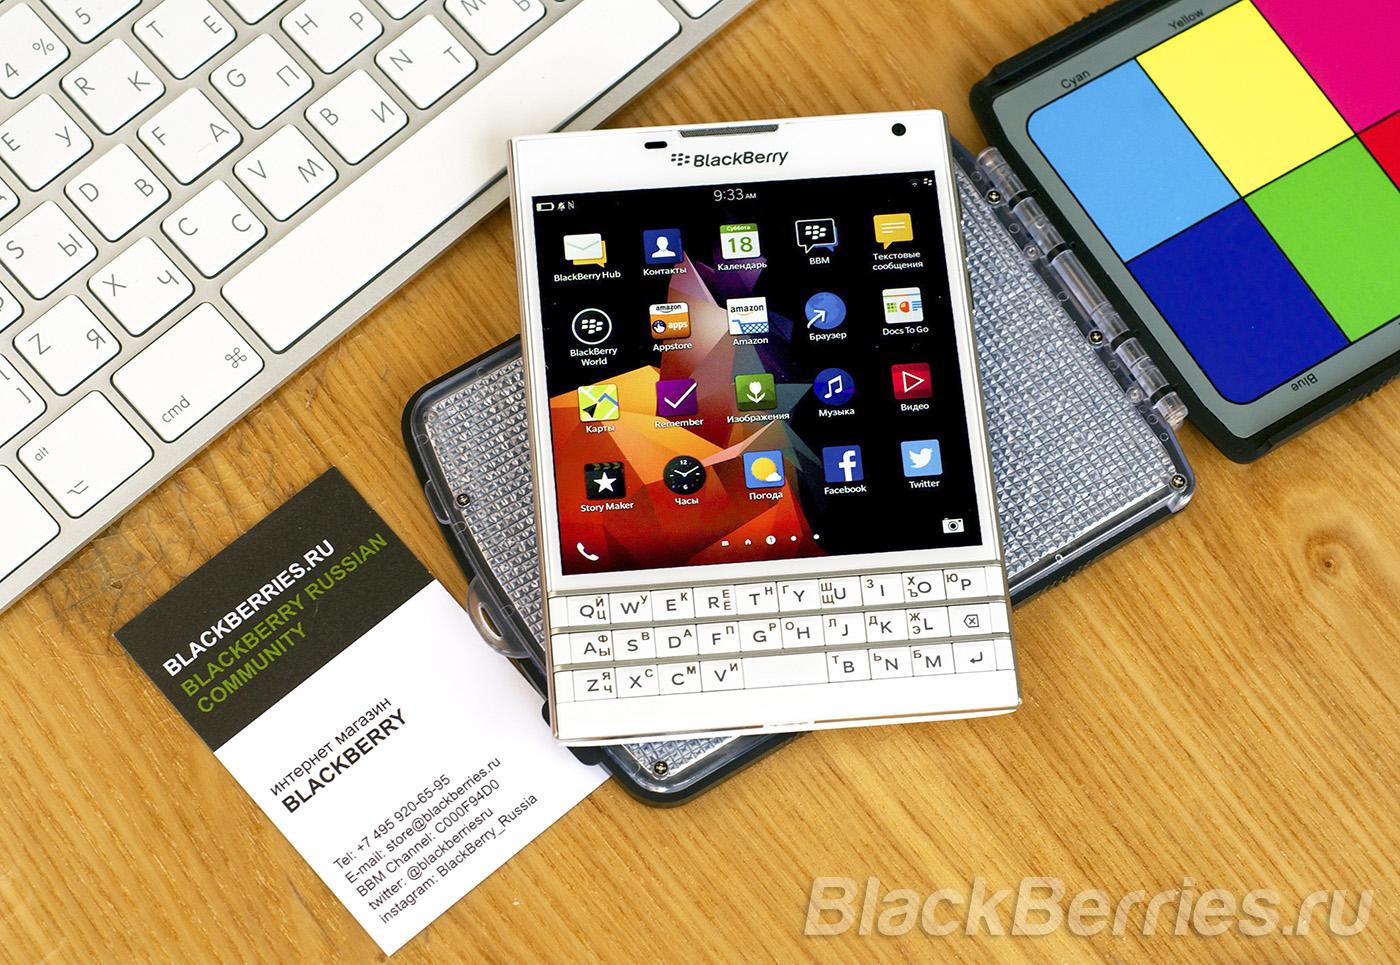 BlackBerry-Passport-Apps-18-07-03